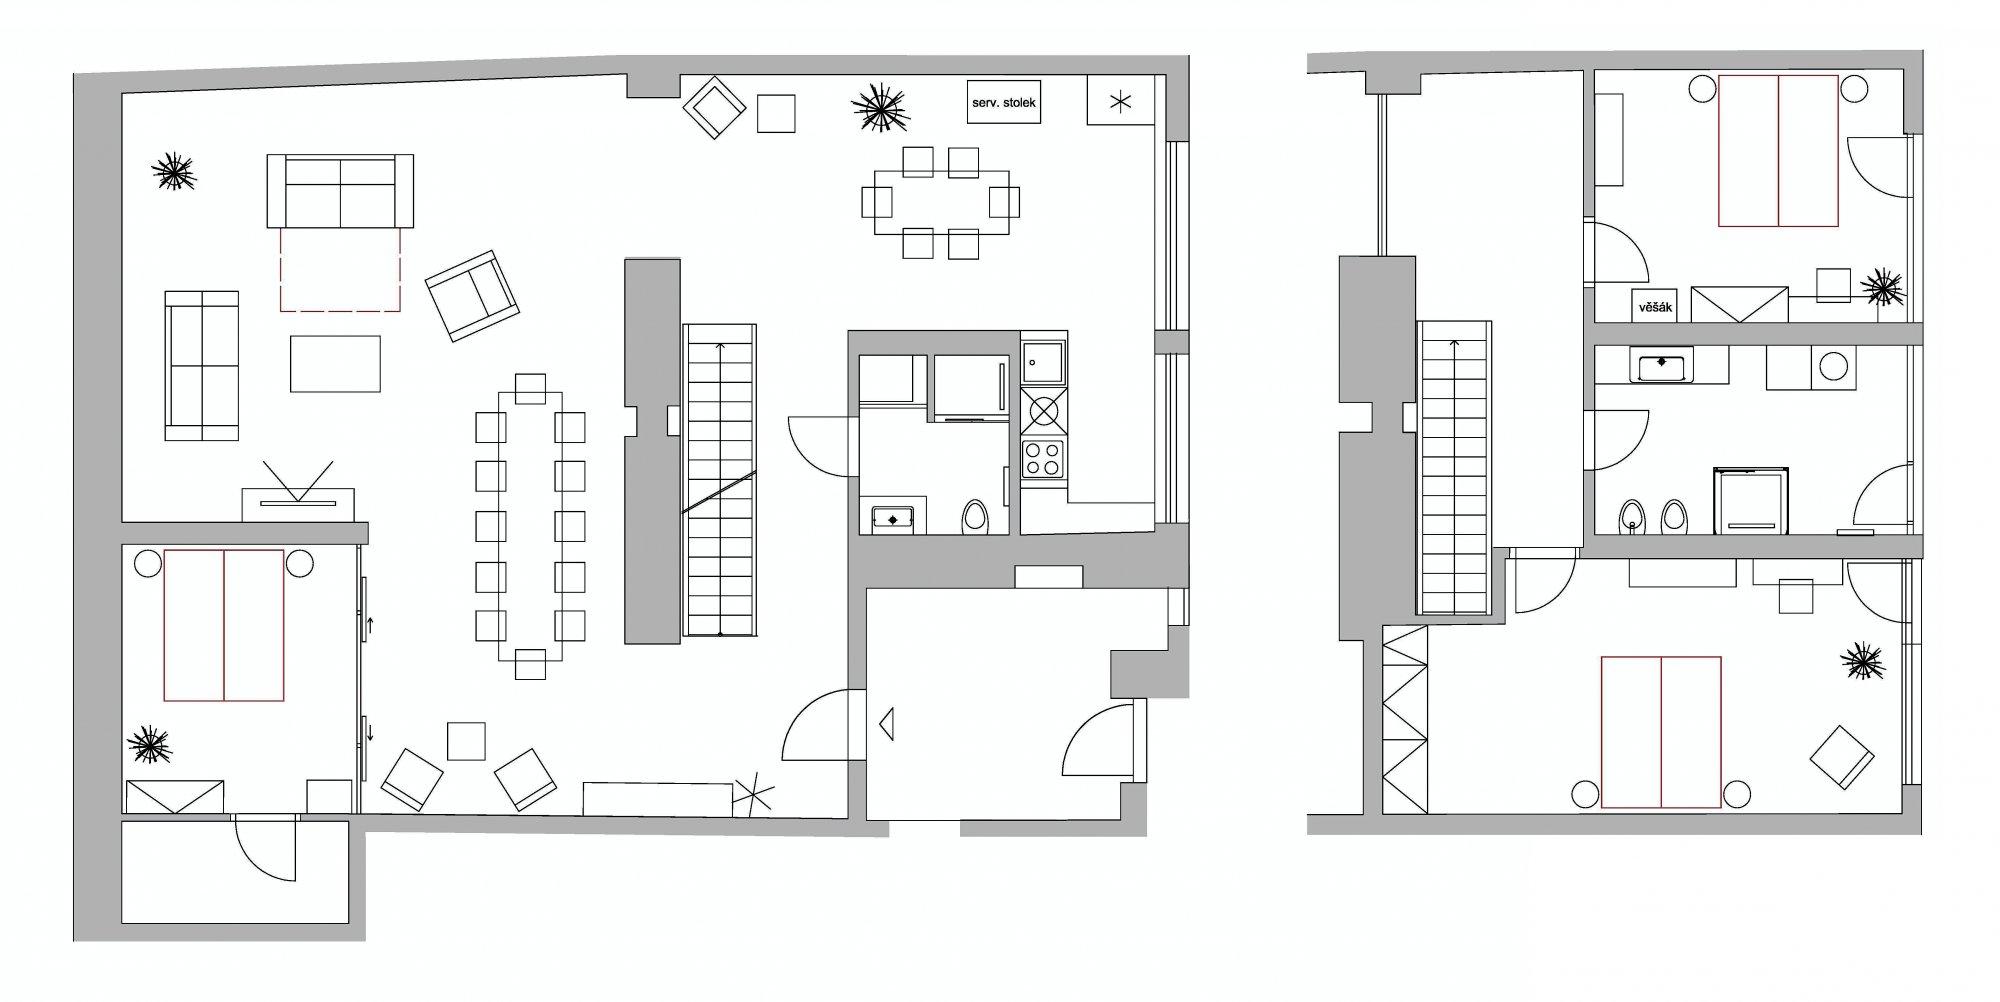 Půdorys - Půdní byt 4+kk, plocha 187 m², ulice Dlážděná, Praha 1 - Nové Město